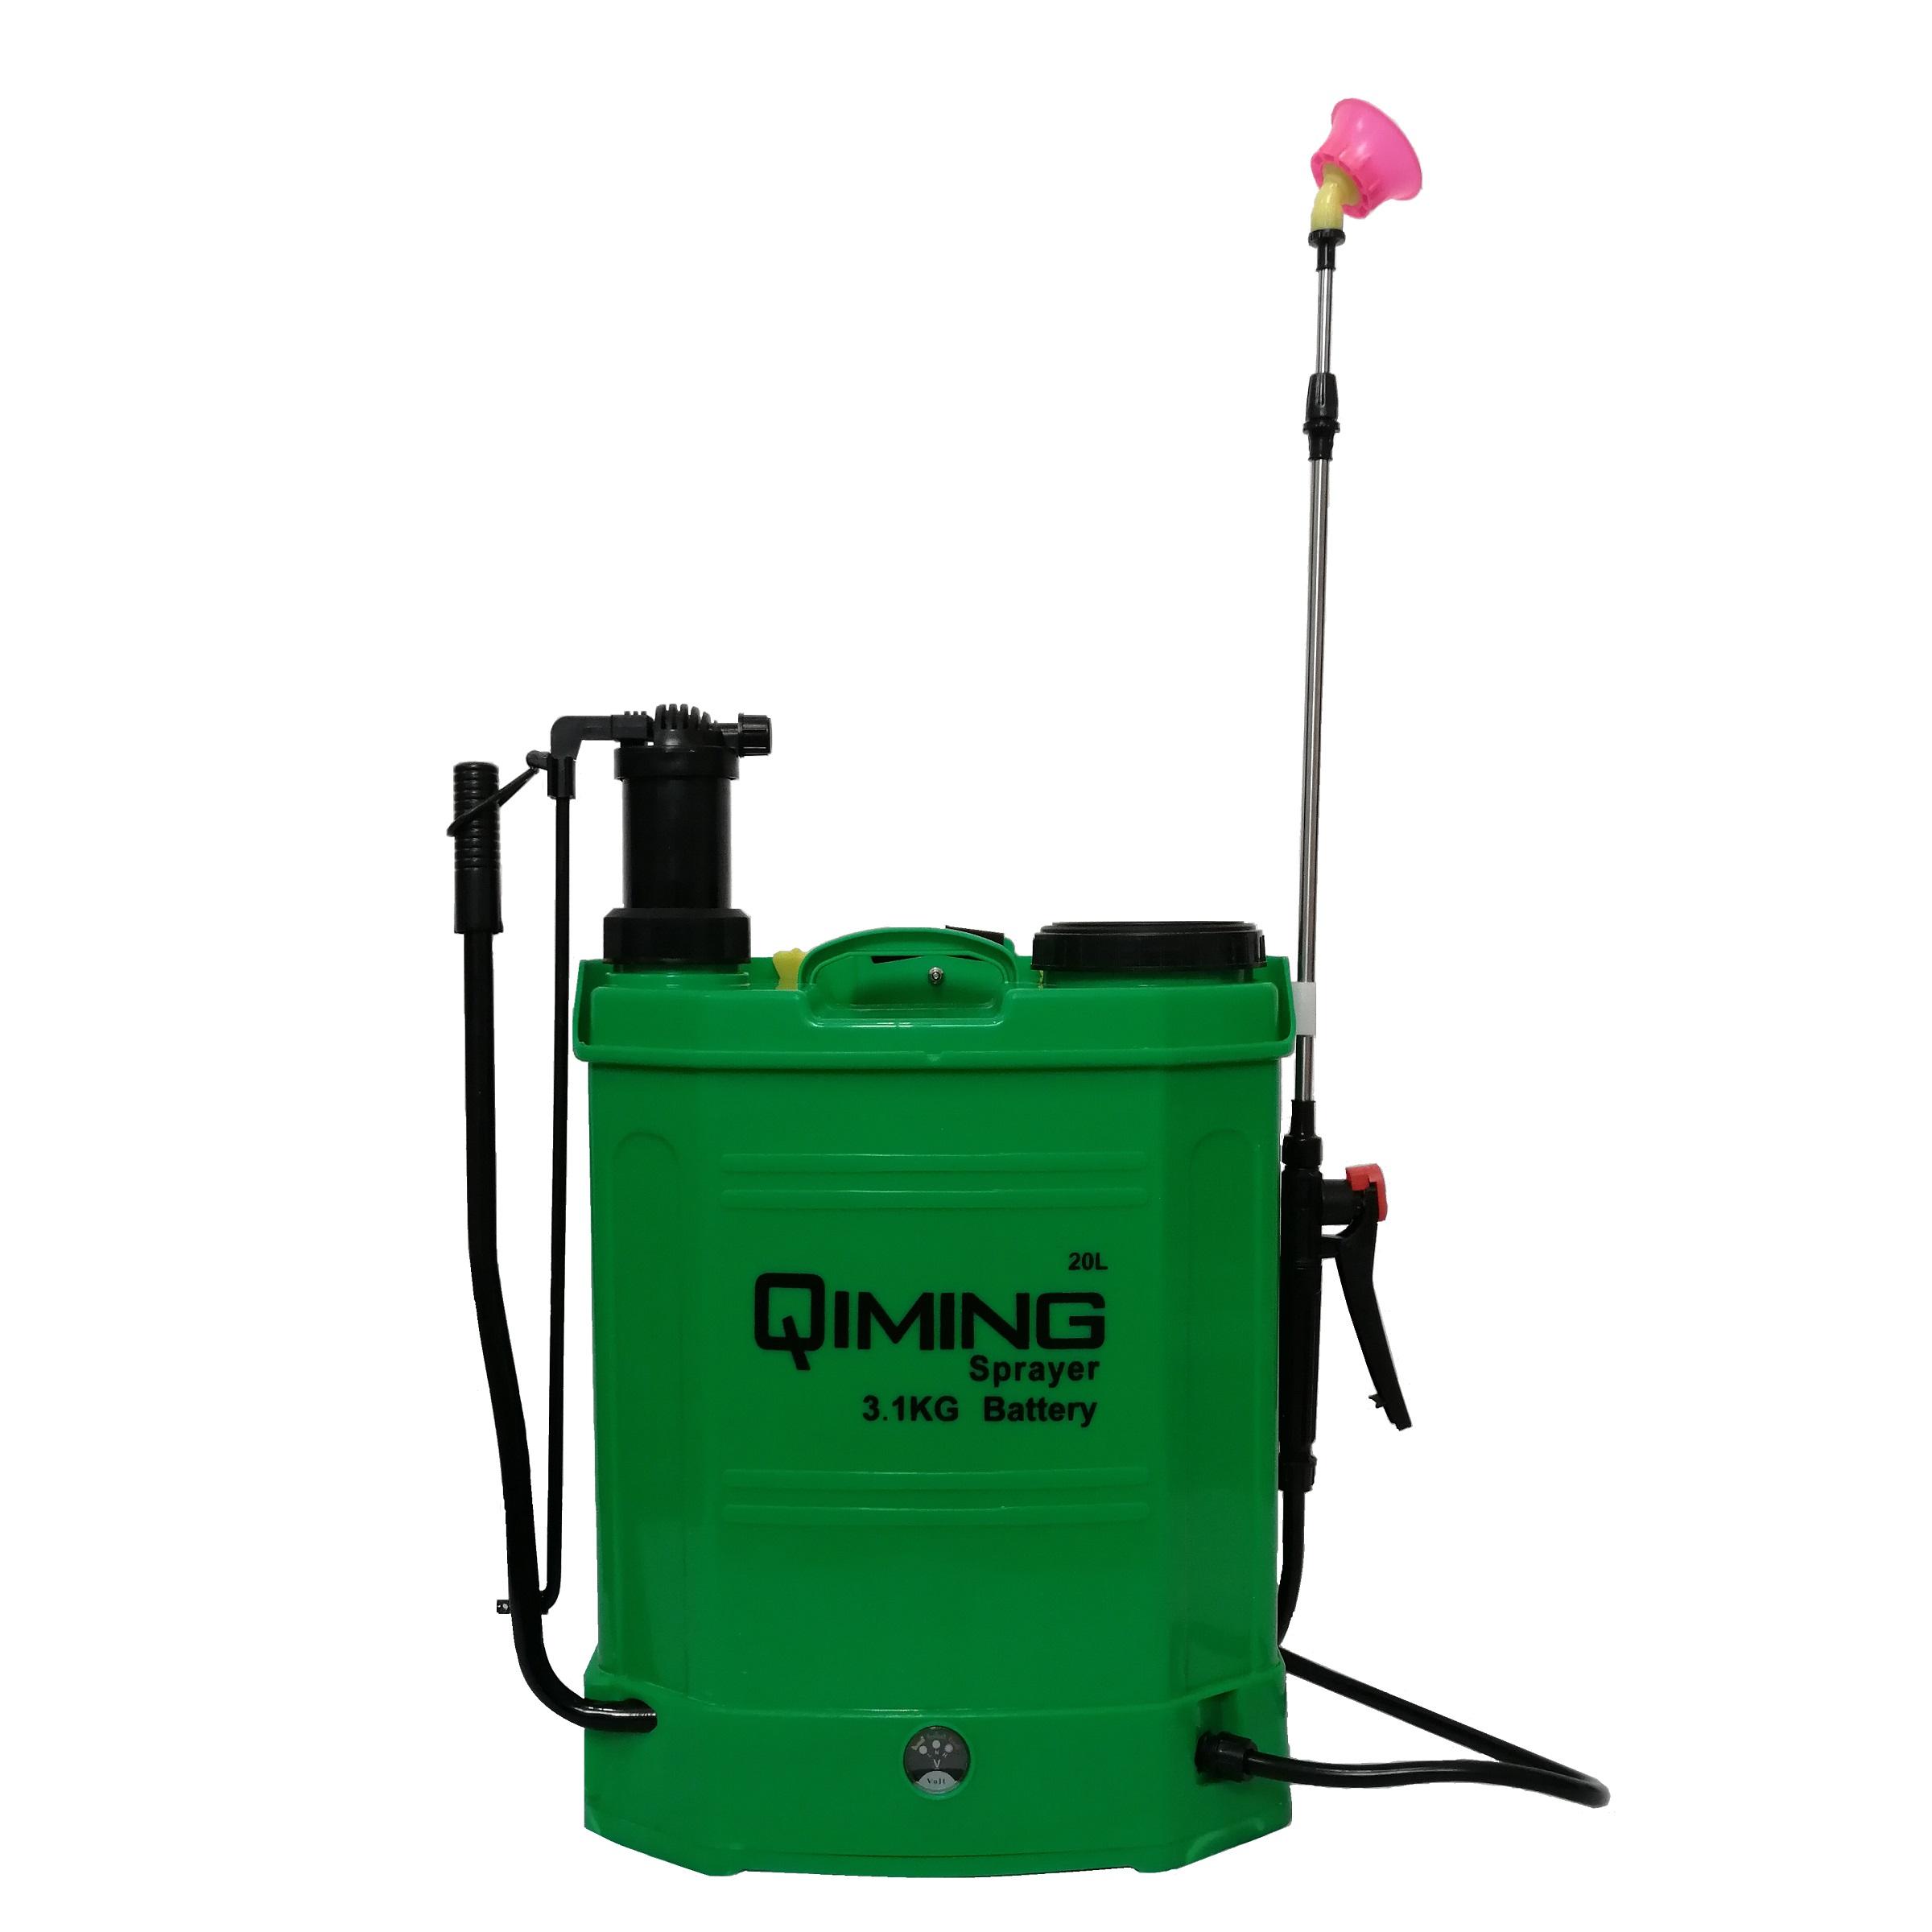 سمپاش شارژی کمینگ مدل sprayer B3.1 گنجایش 20 لیتر